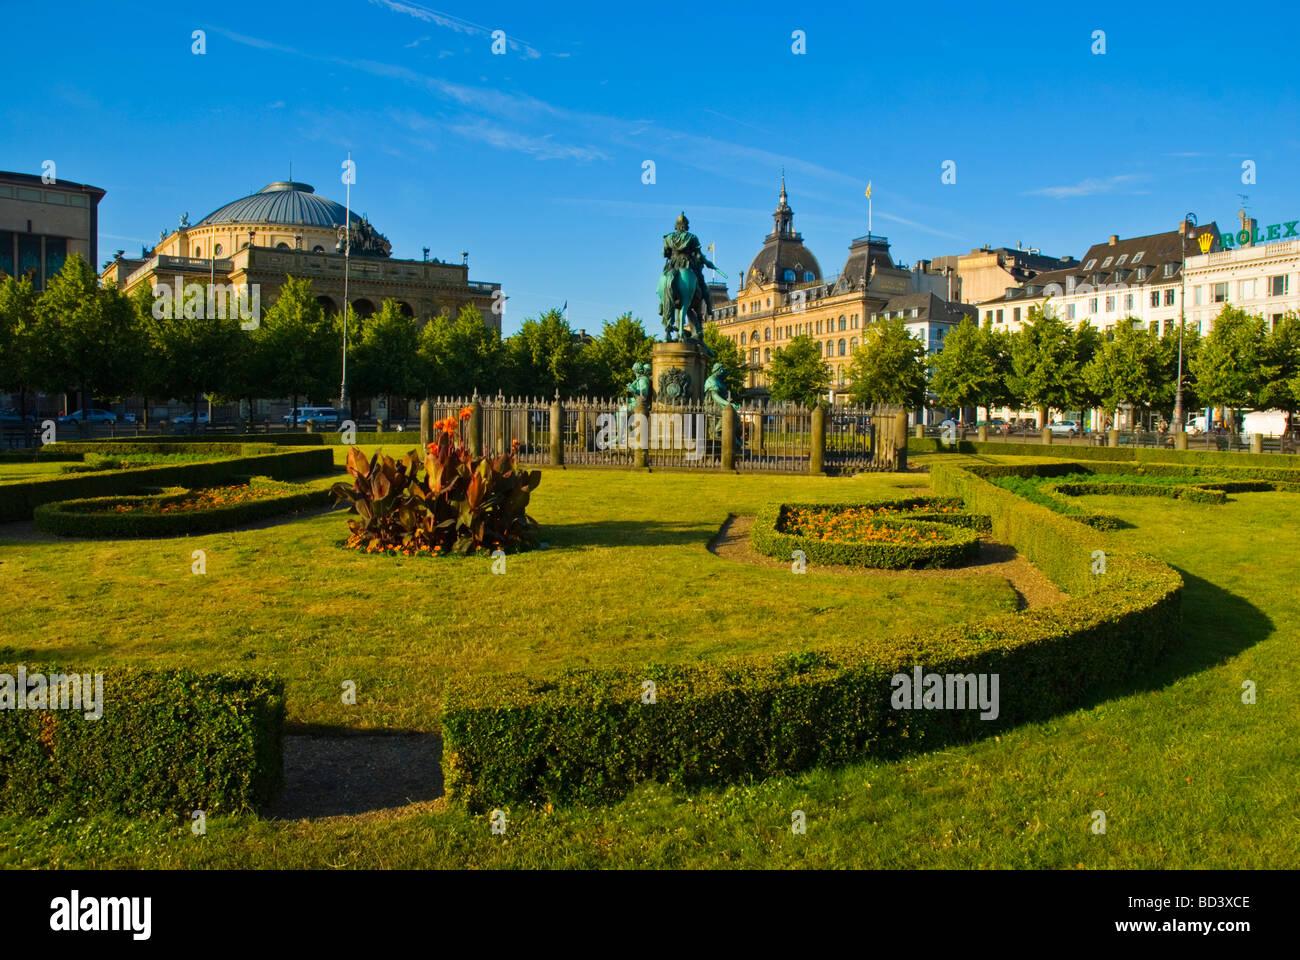 Kongens nytorv square in Copenhagen Denmark Europe - Stock Image